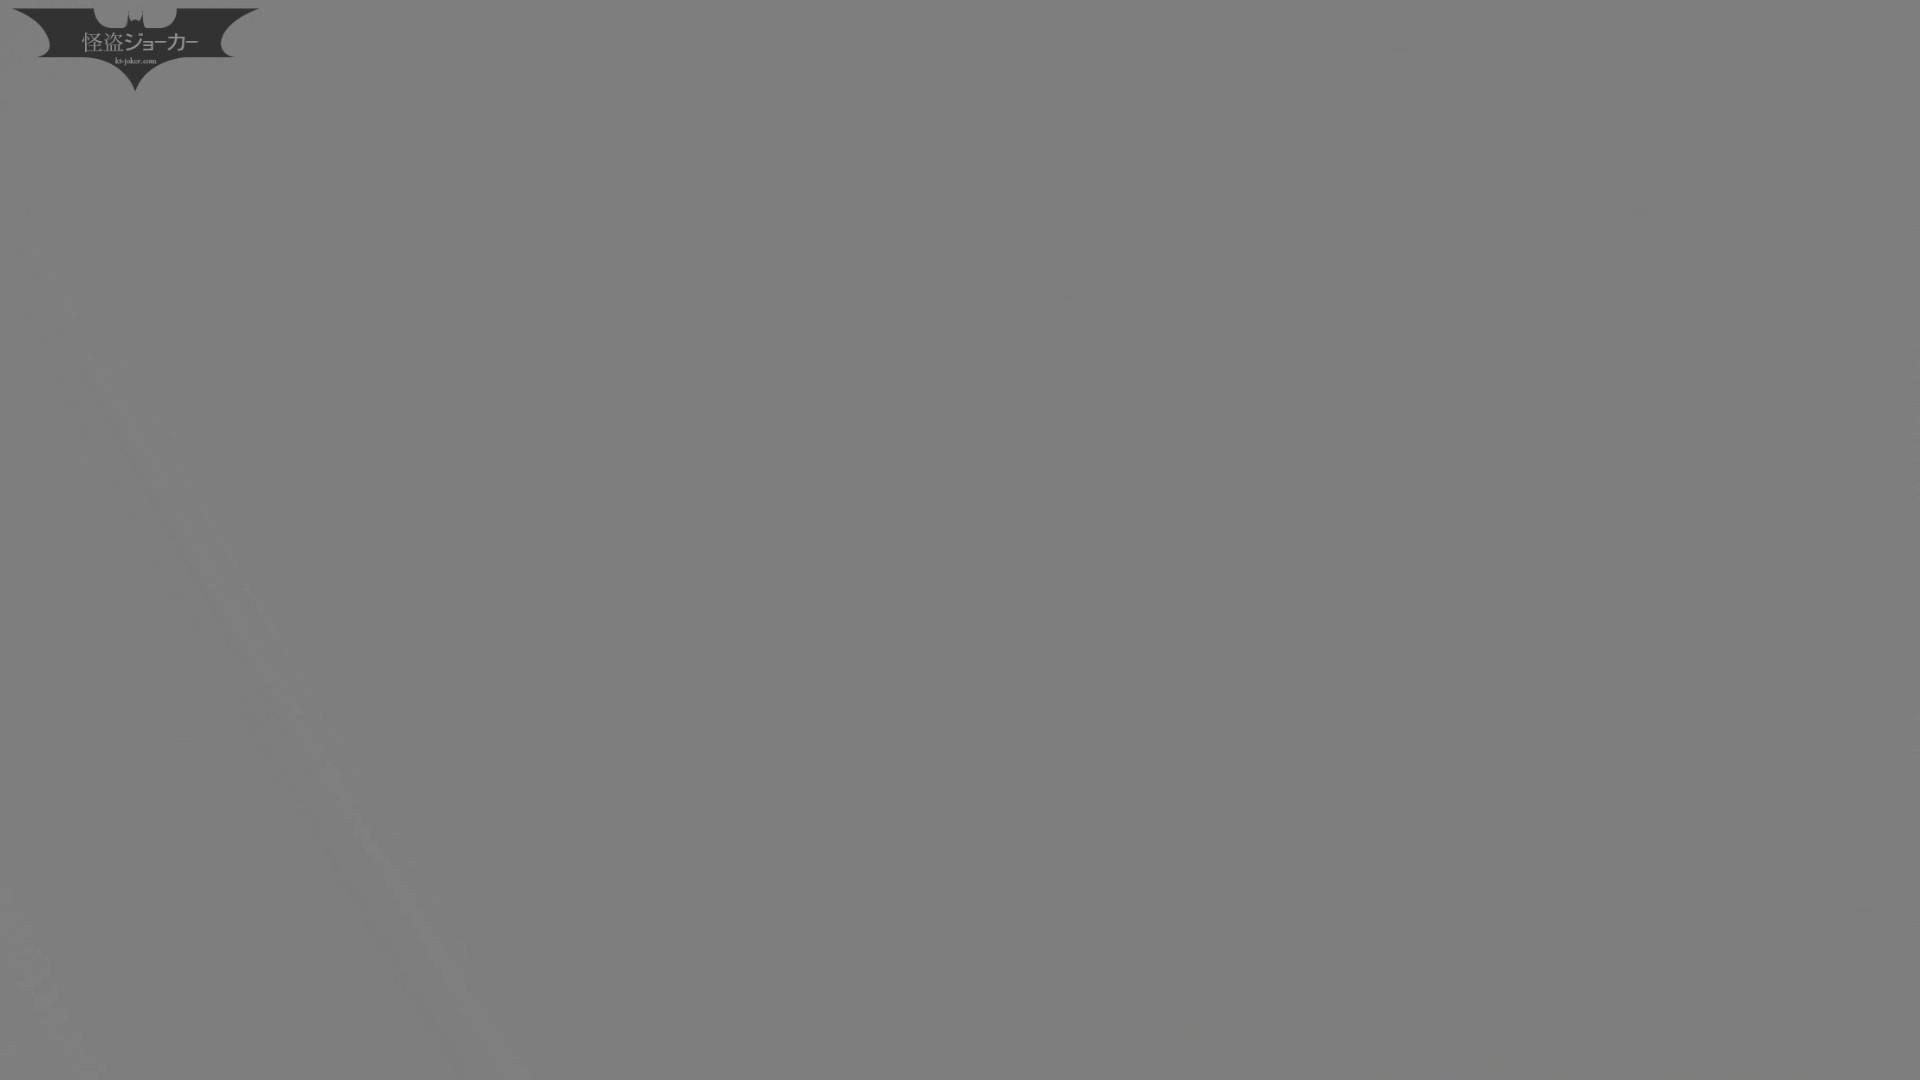 「洗面所突入レポート!!」vol.56まず並ぶ所から!決して真似しないでください 洗面所 われめAV動画紹介 79PIX 29